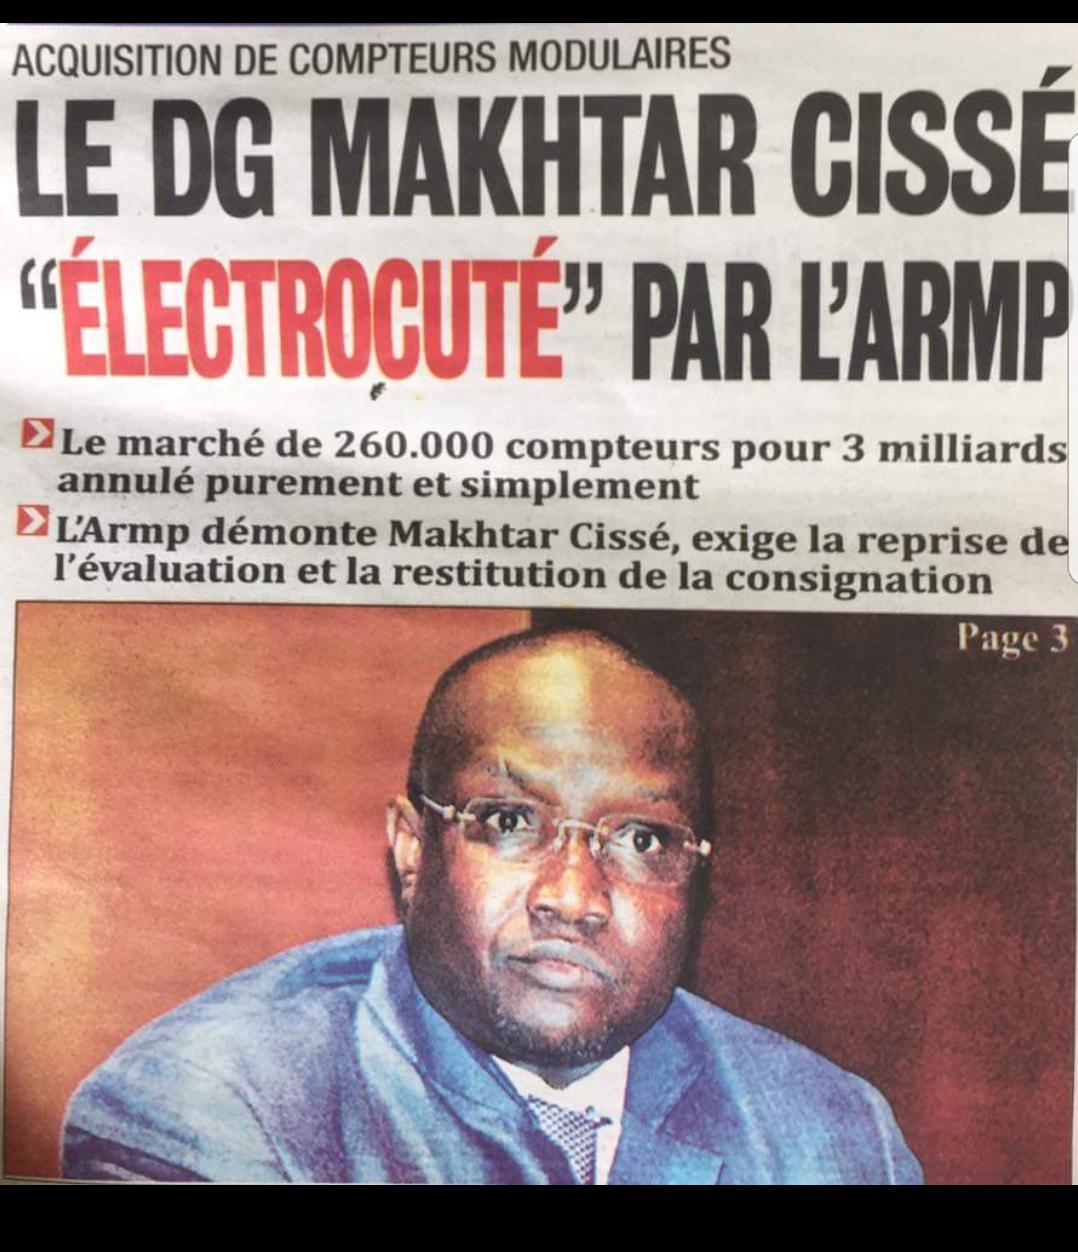 Mais, qui en veut à Mouhamadou Makhtar Cissé ? Des prétendants au poste de DG de SENELEC, déçus qu'il ne soit pas ministre, lancent une maladroite cabale médiatique